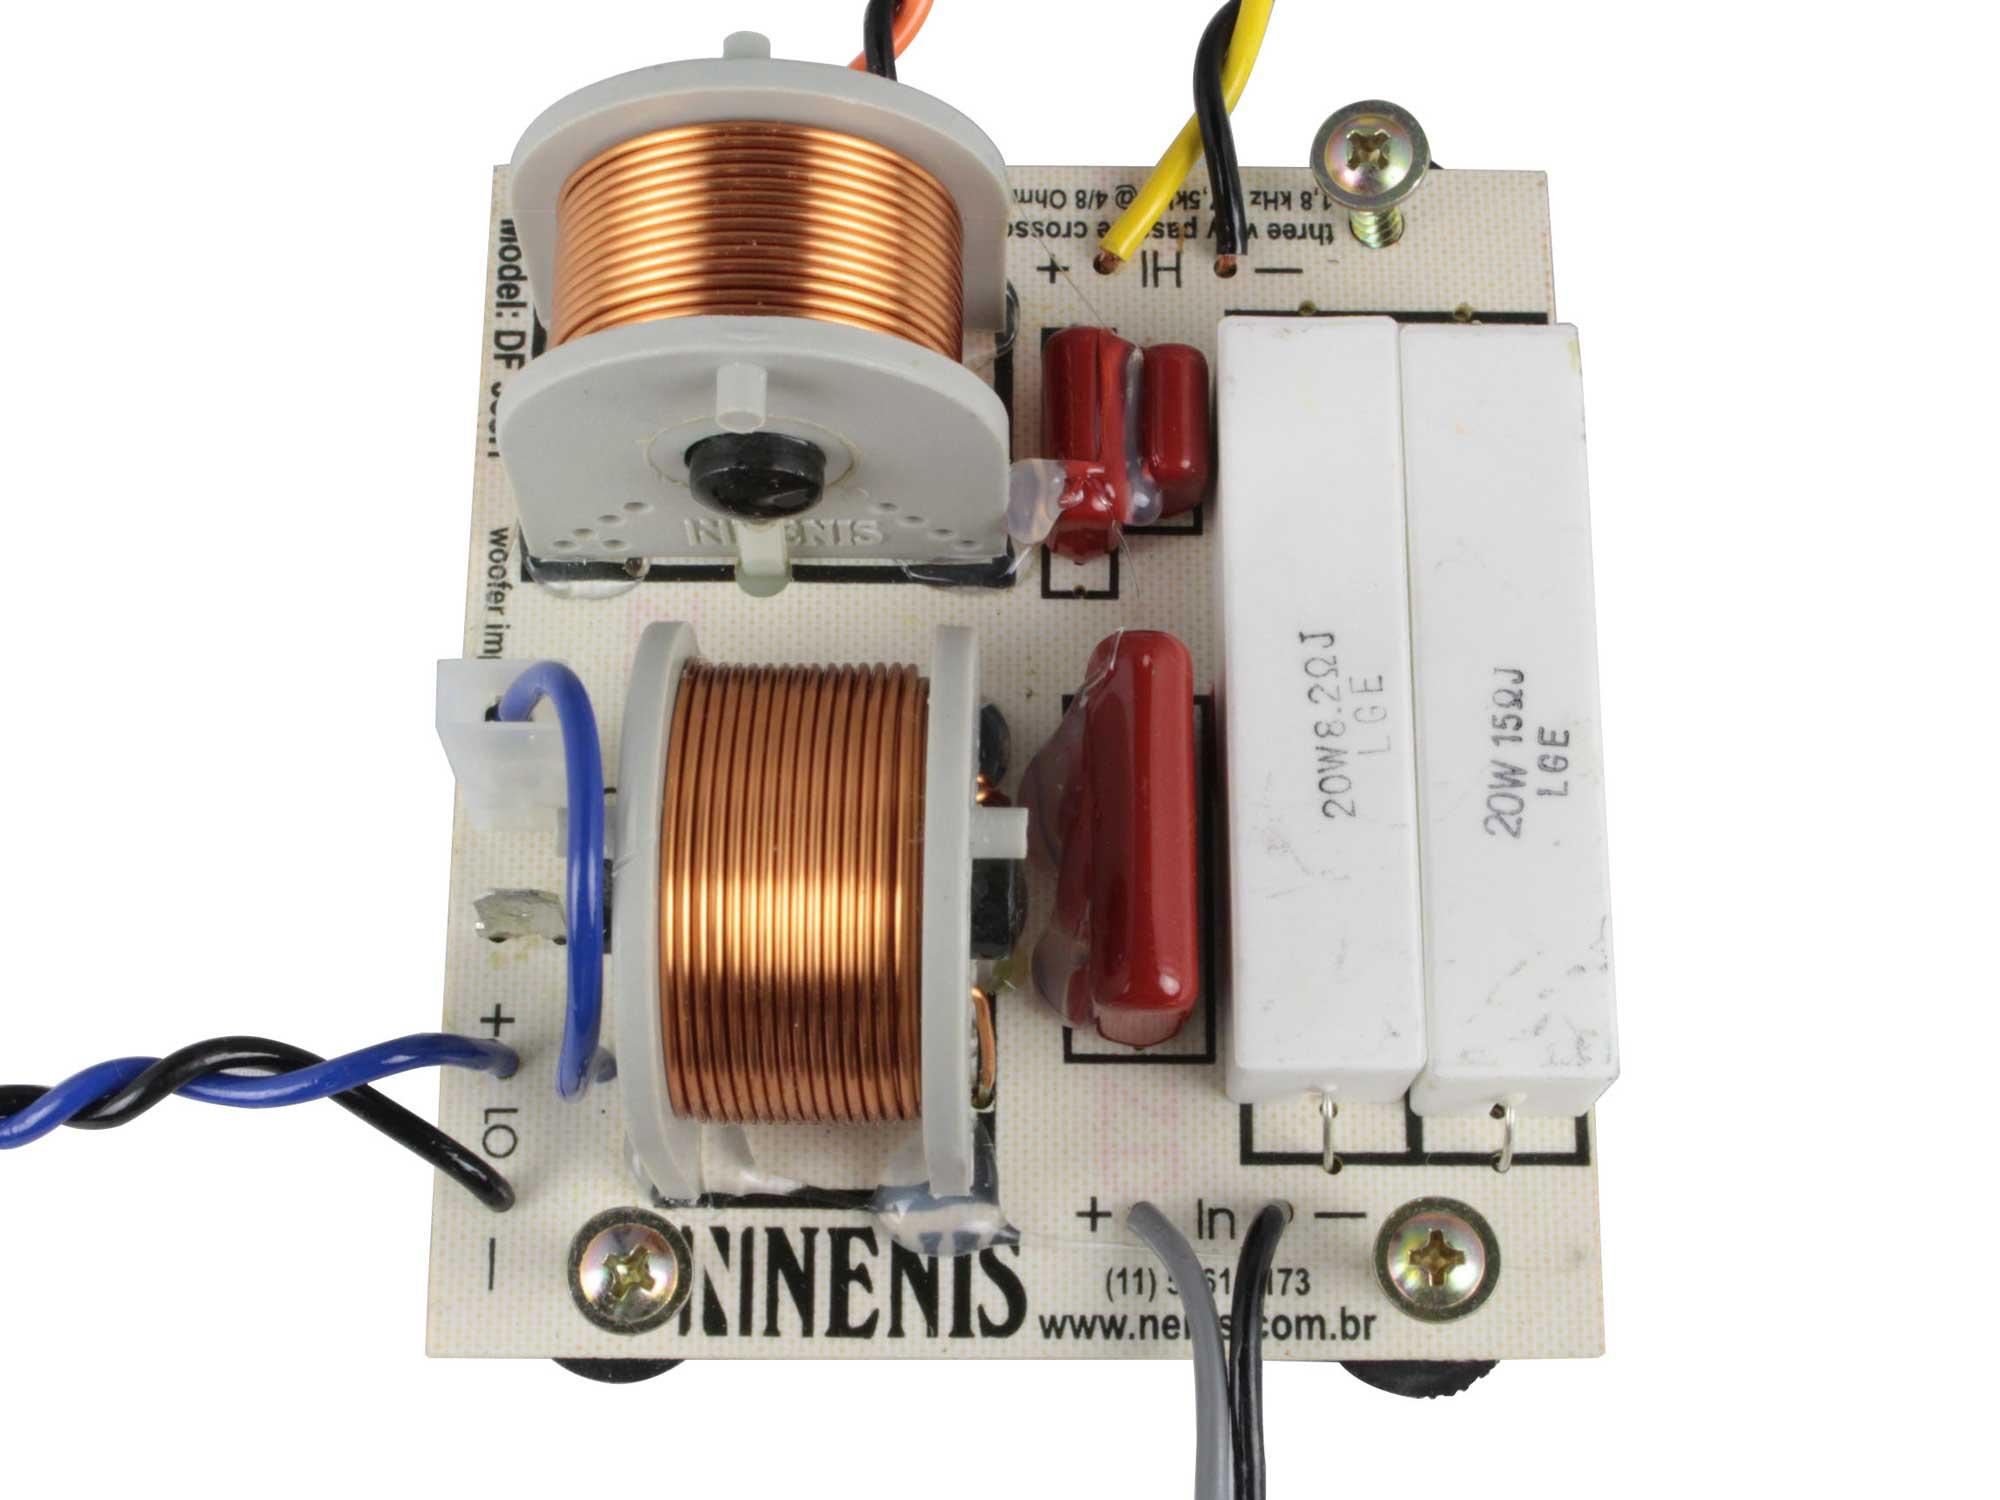 Divisor de Frequência 3 vias Passivo | 1 ou 2 Alto-falantes, 1 driver e 1 tweeter de até 350W RMS | DF353H | Nenis